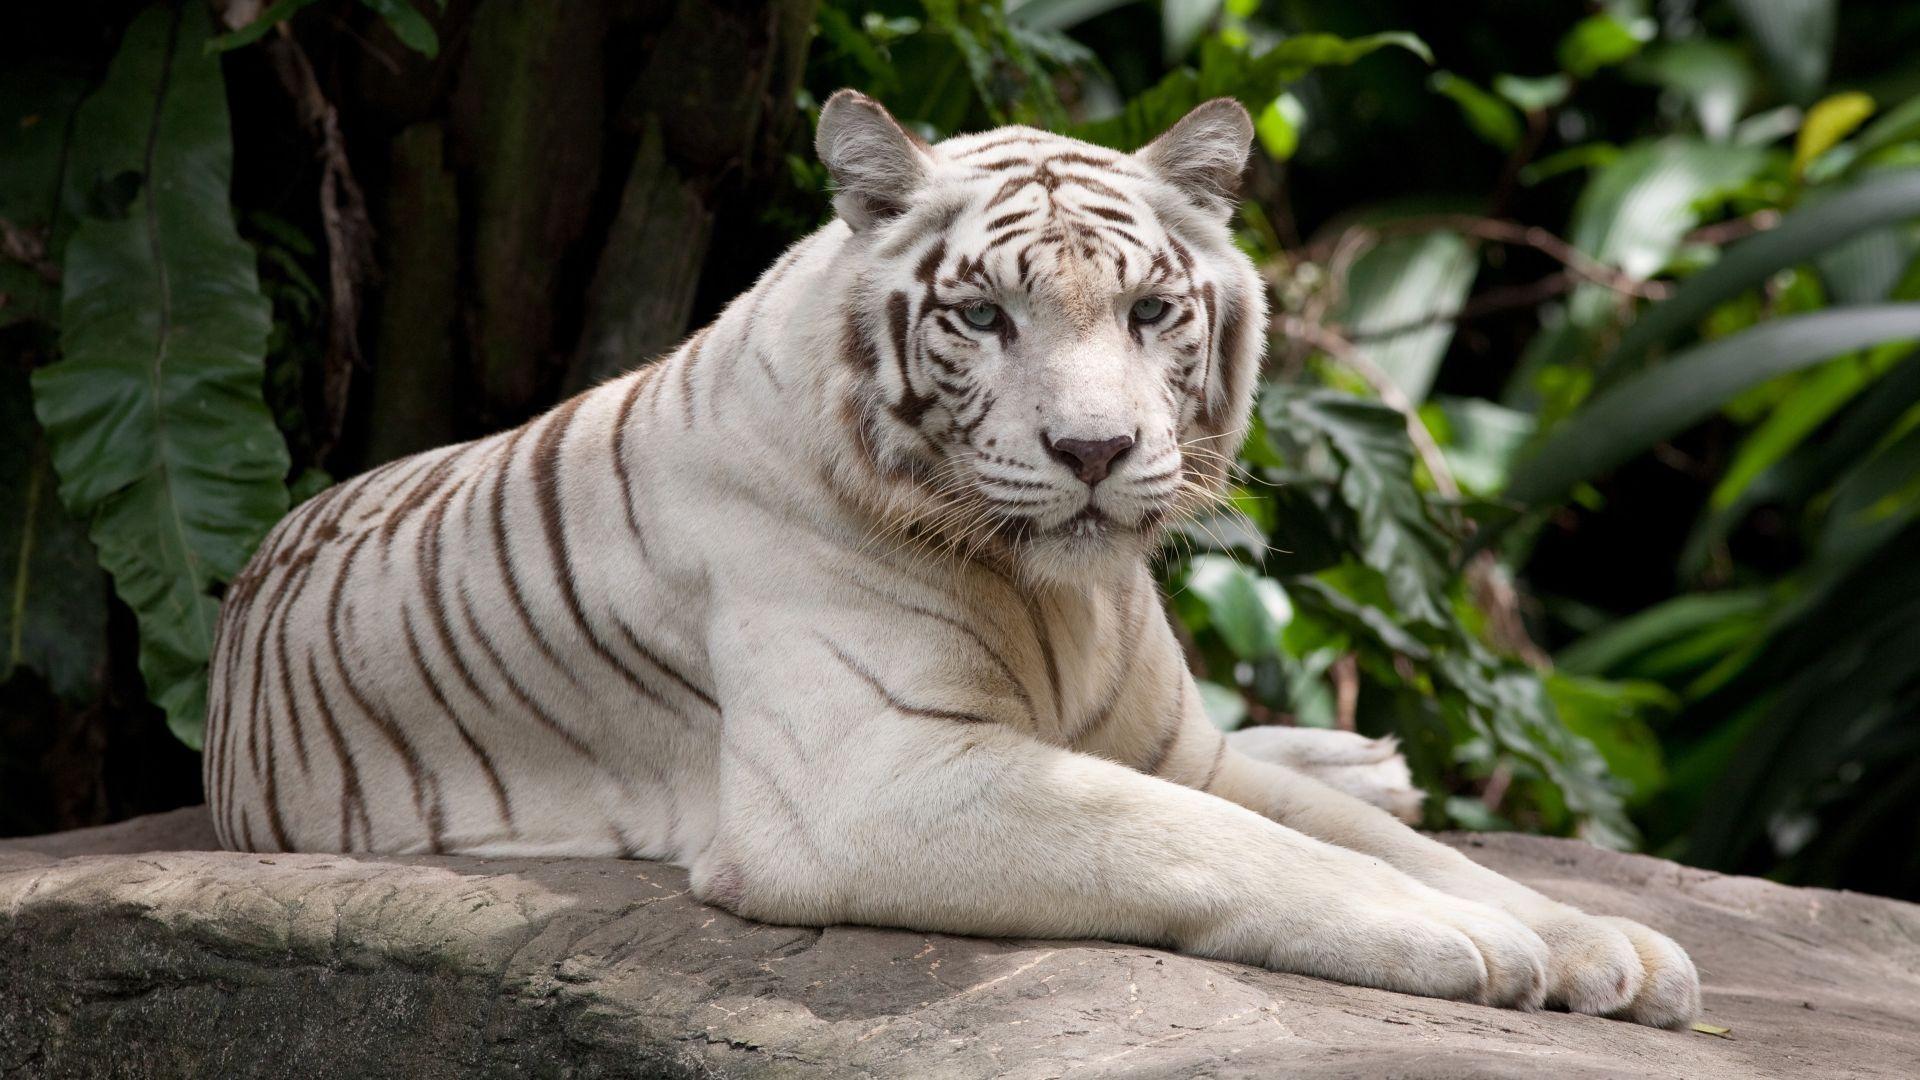 White Tiger, HD Desktop Wallpaper